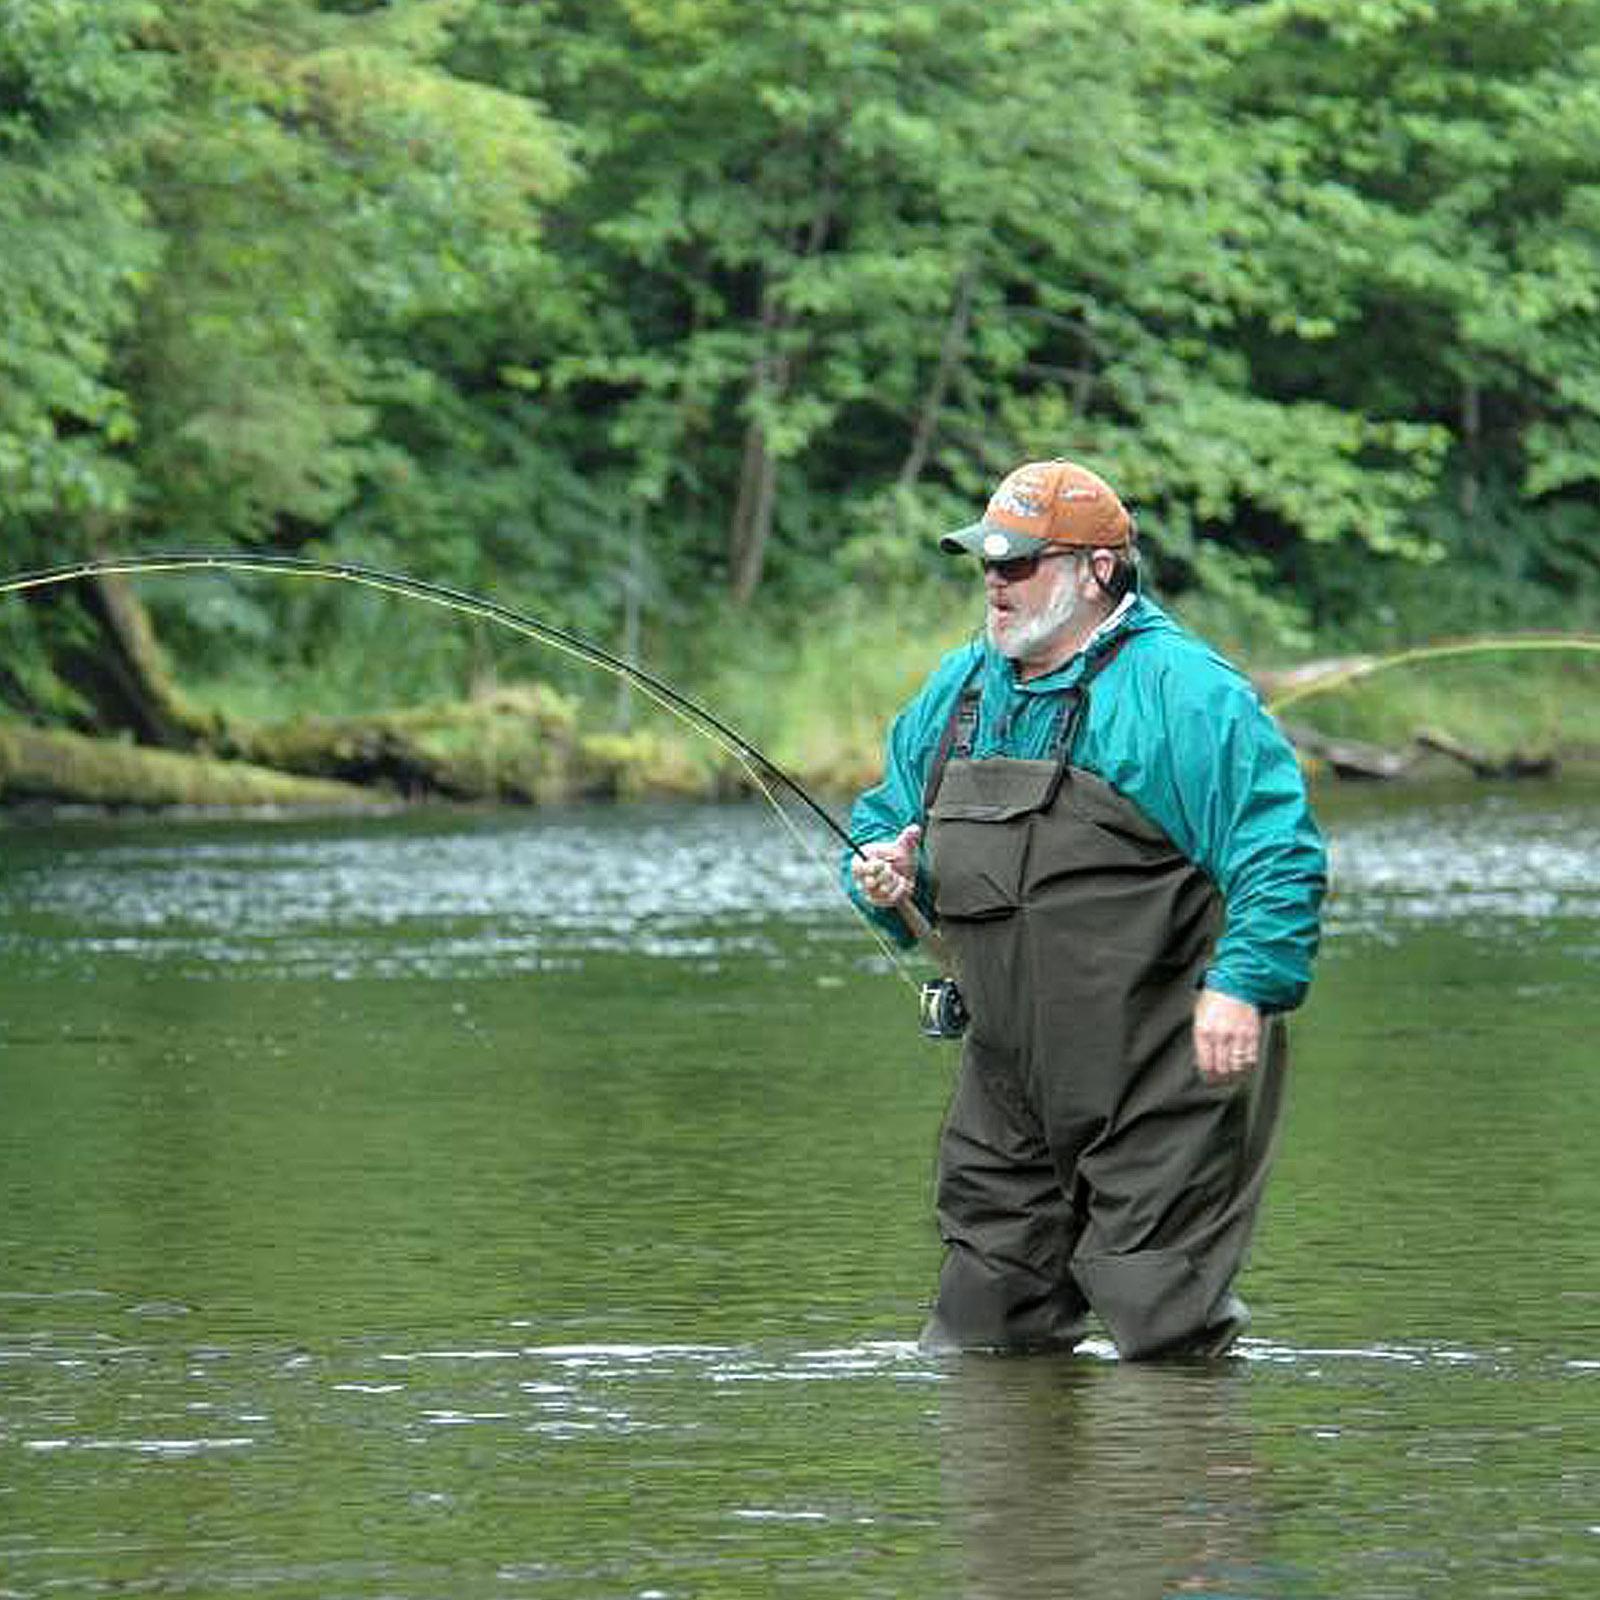 одежда для нахлыстовой рыбалки